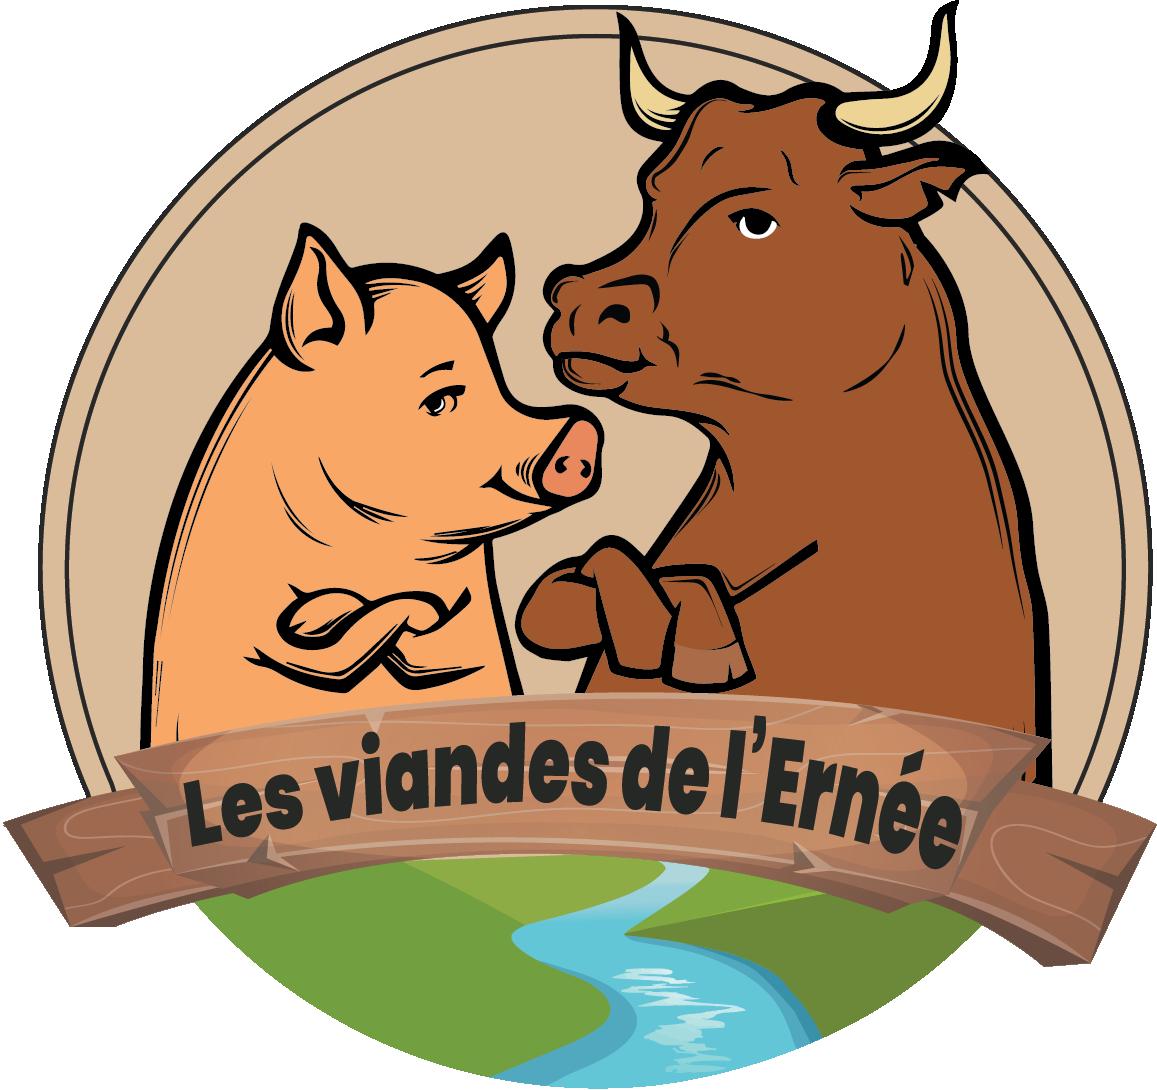 Les viandes de l'Ernée -  Vente locale de produits  fermiers - Viande de bœuf et porc en Mayenne